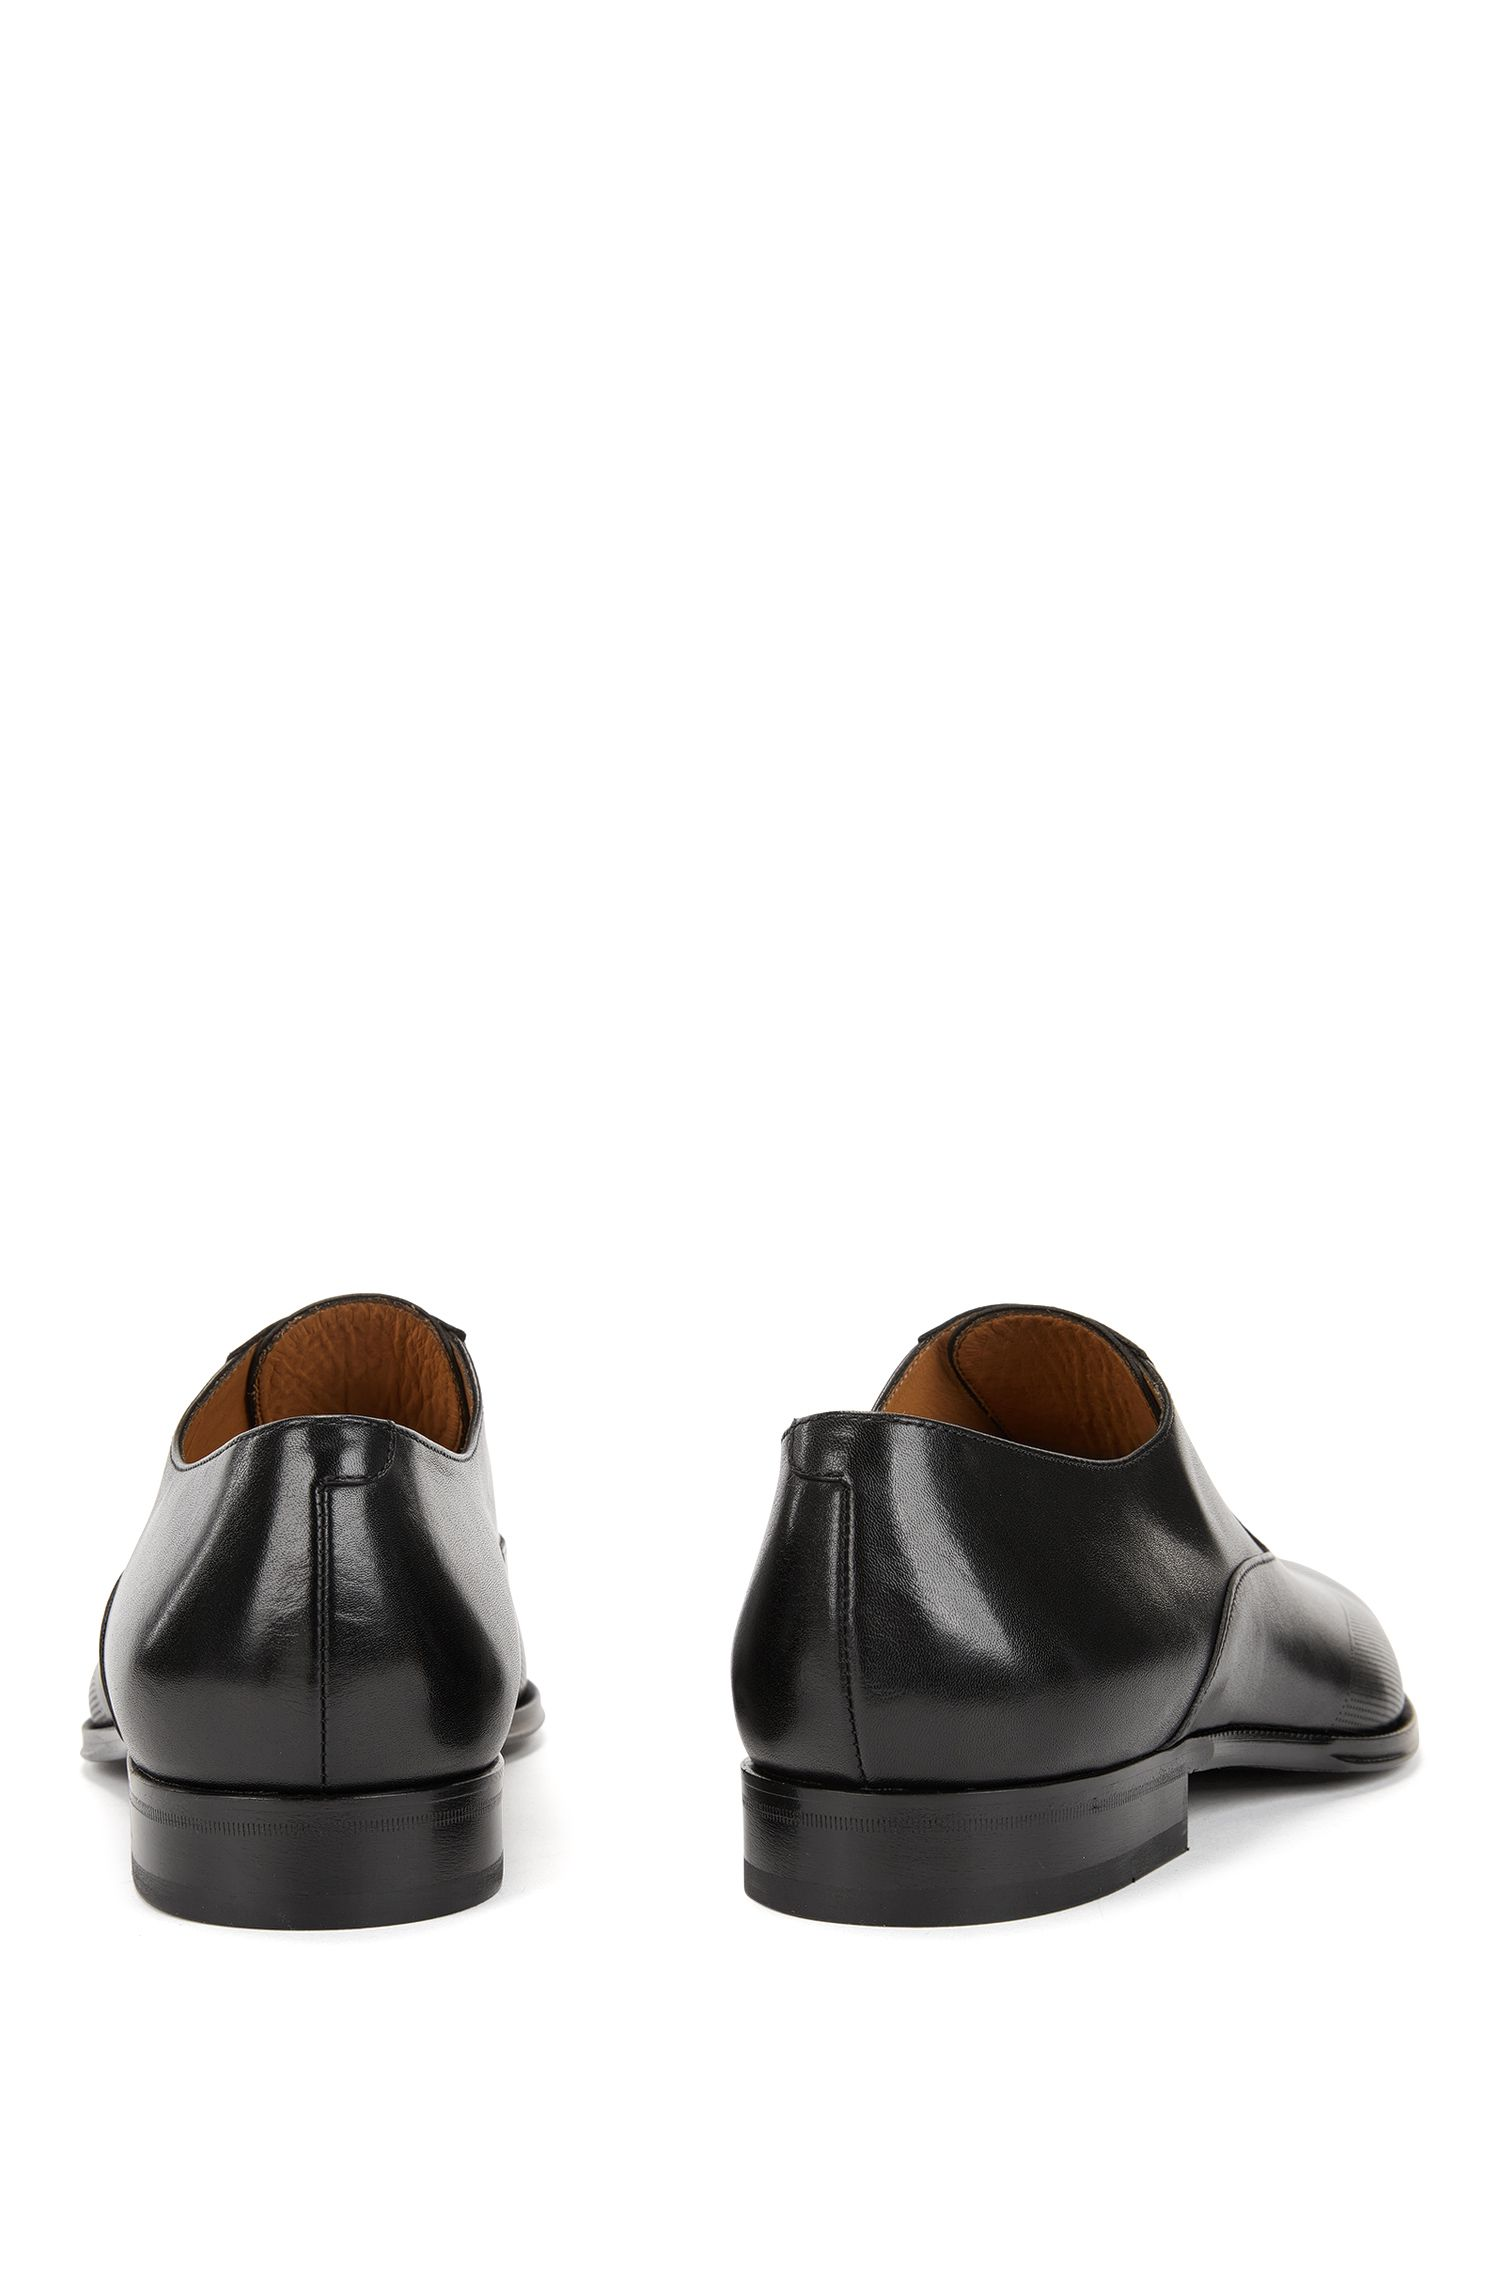 Chaussures Oxford confectionnées en Italie, en cuir de veau poli